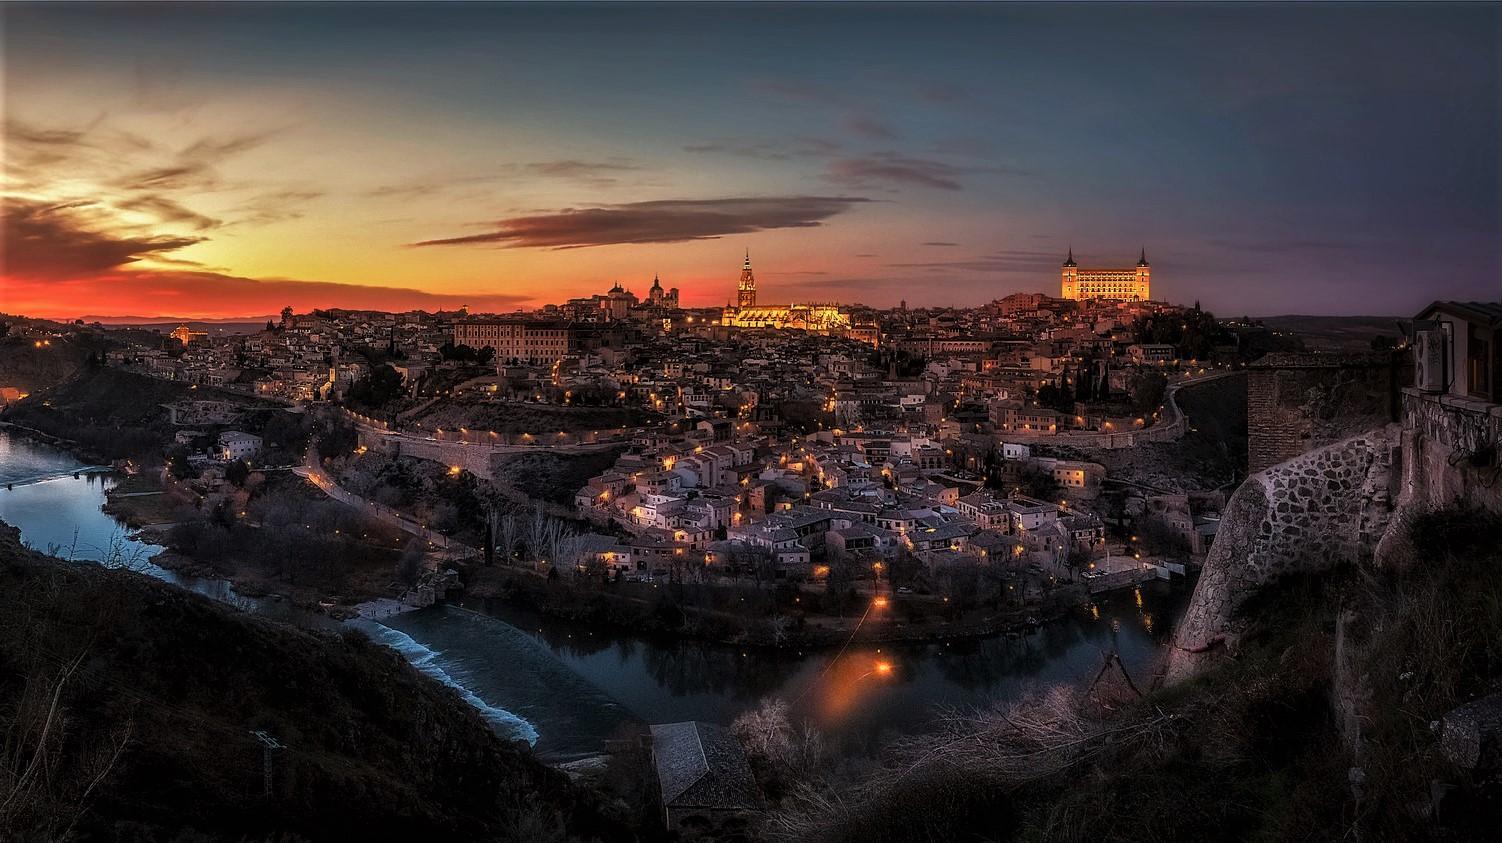 Vista panorámica de Toledo desde el mirador del valle